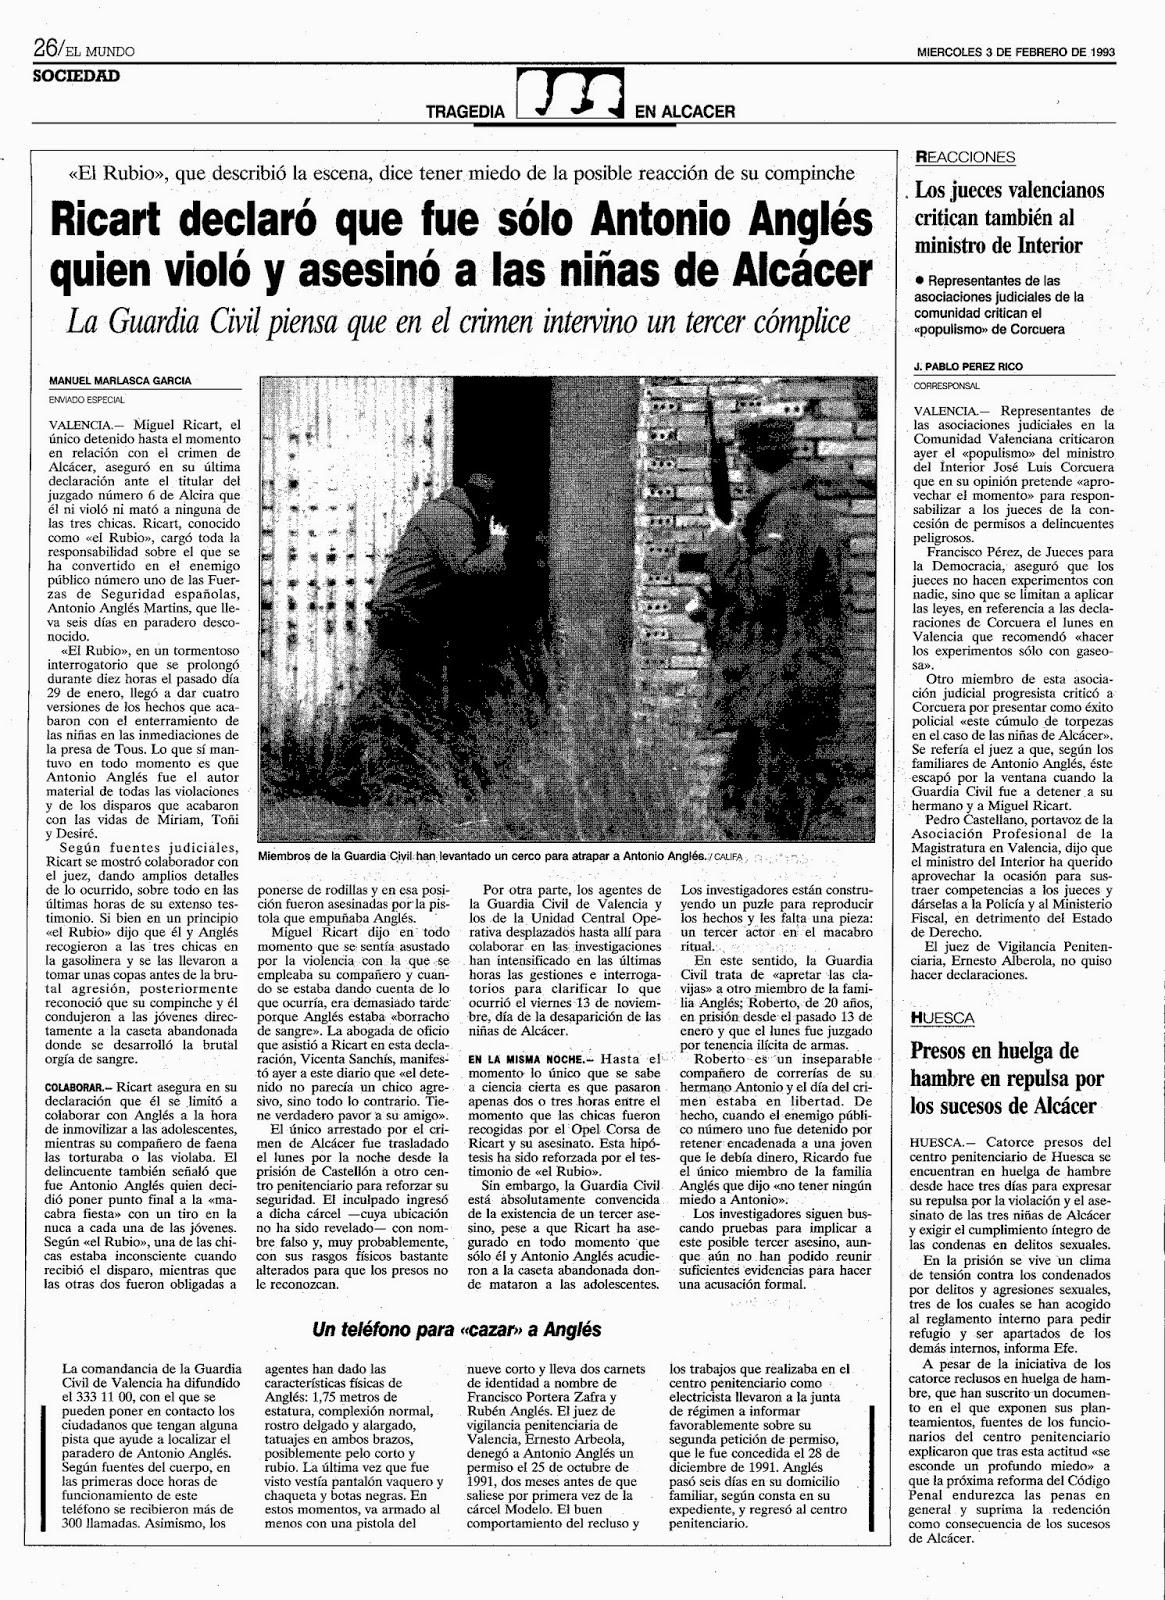 El blog de las sombras la bola de cristal de manuel marlasca for Juzgado de catarroja